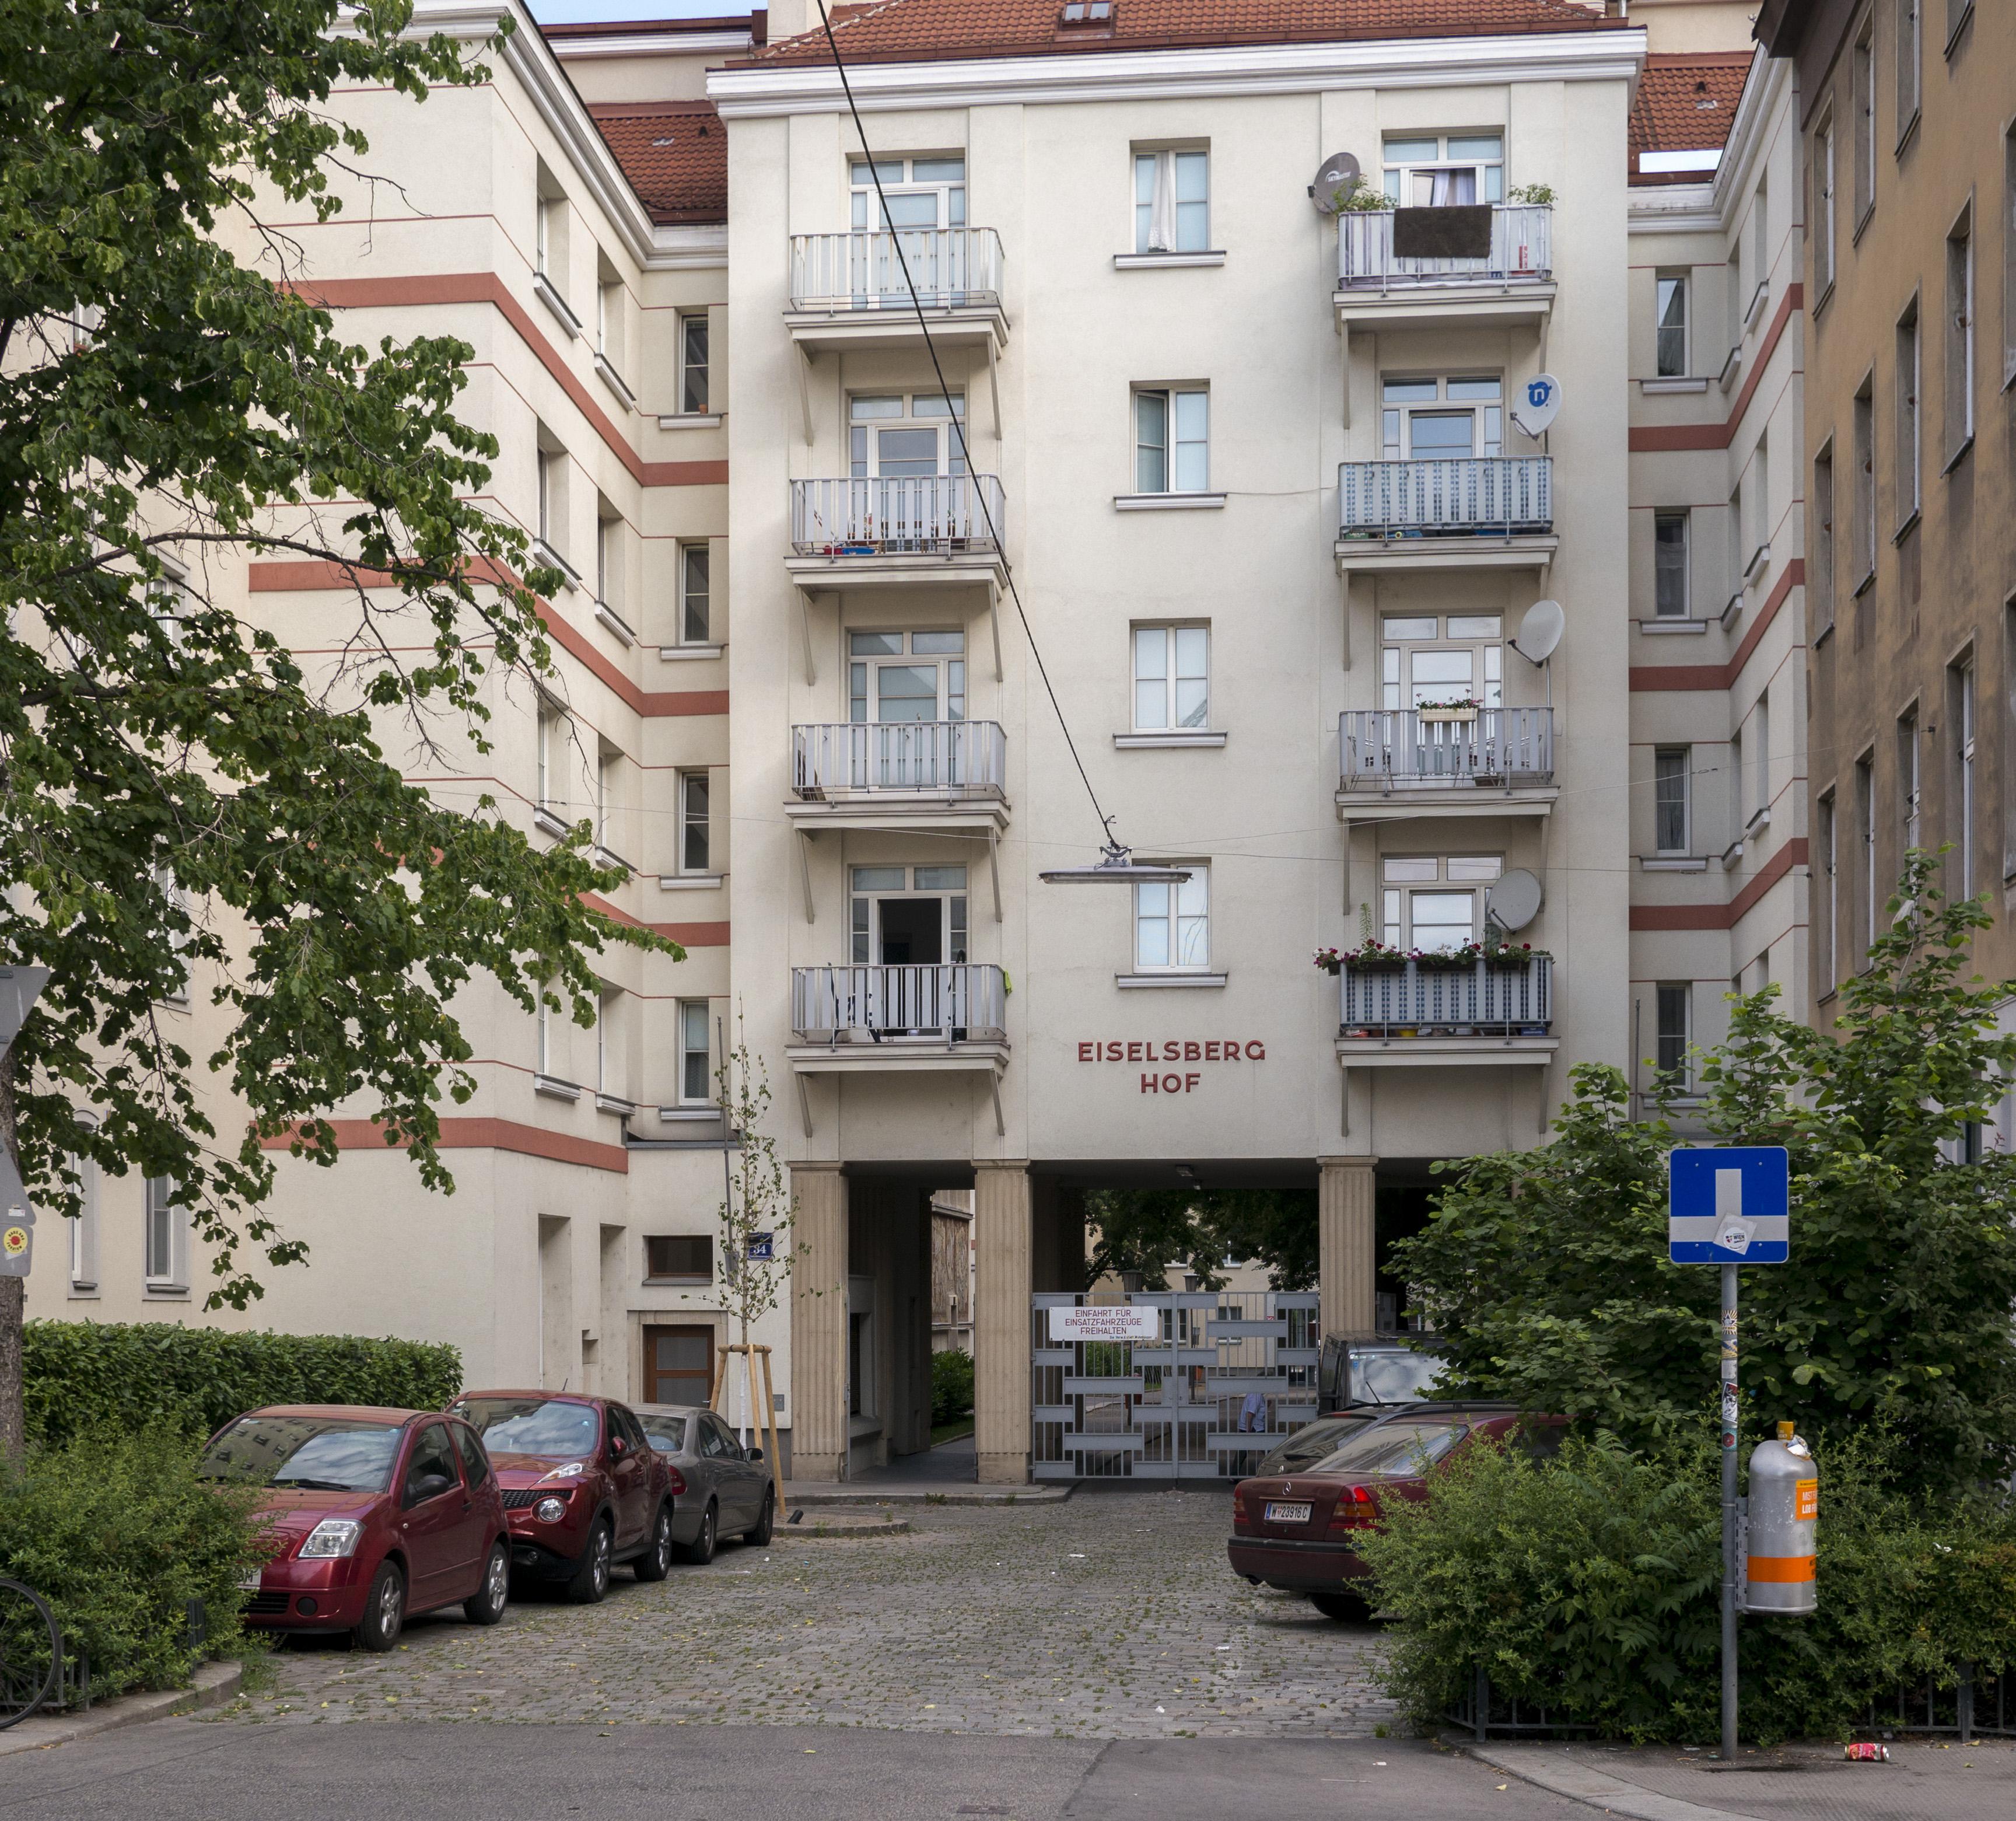 Liste der denkmalgeschützten Objekte in Wien/Margareten - Wikiwand